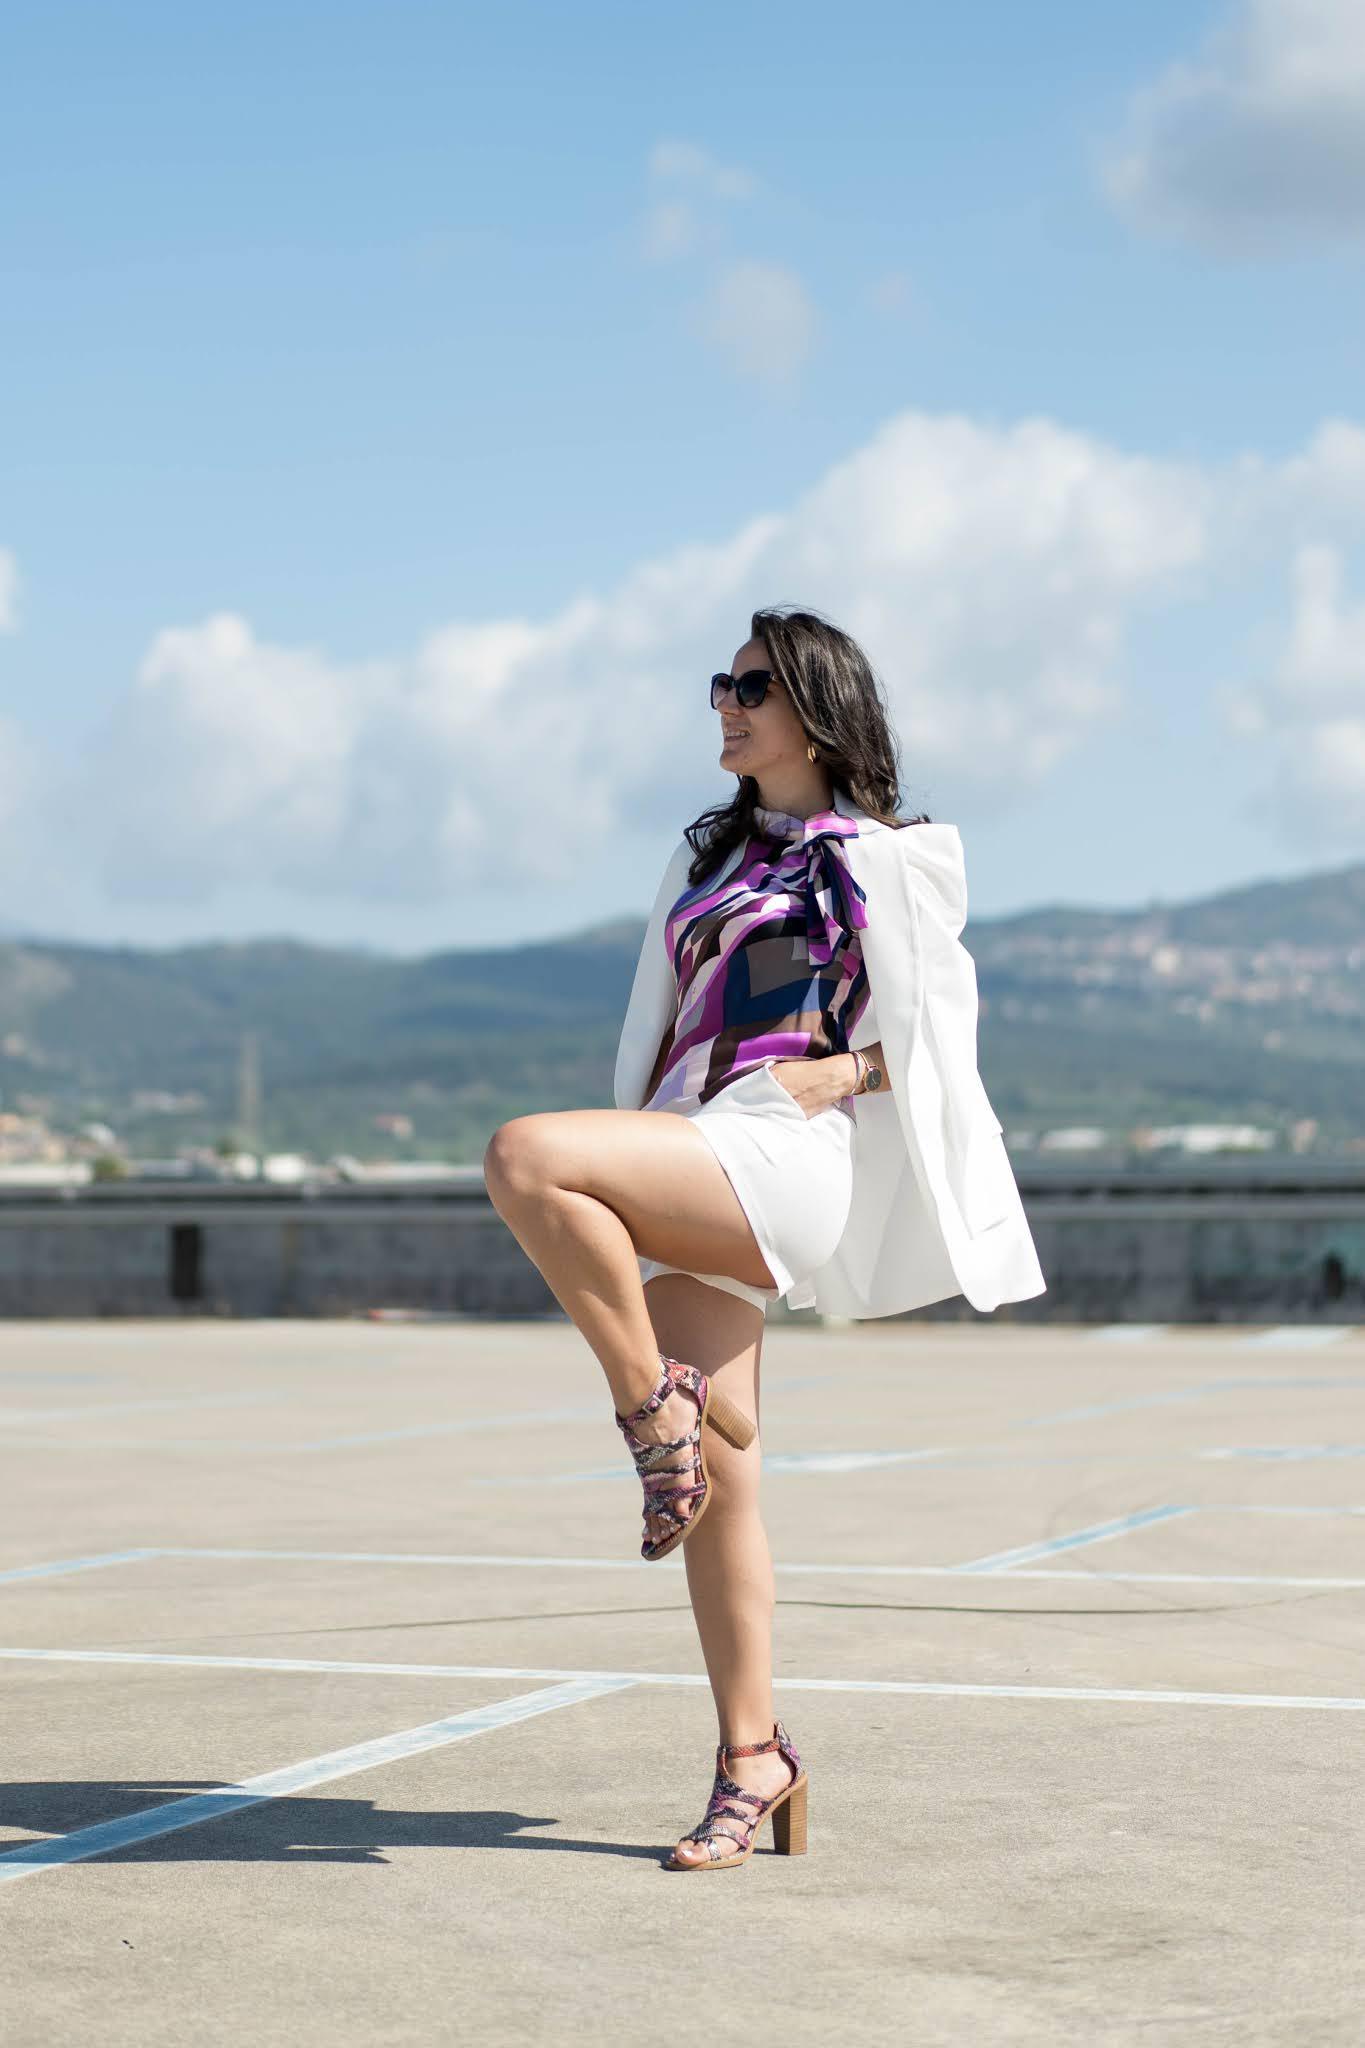 I pantaloncini: riscoperta dell'estate 2020 per i fisici pera!